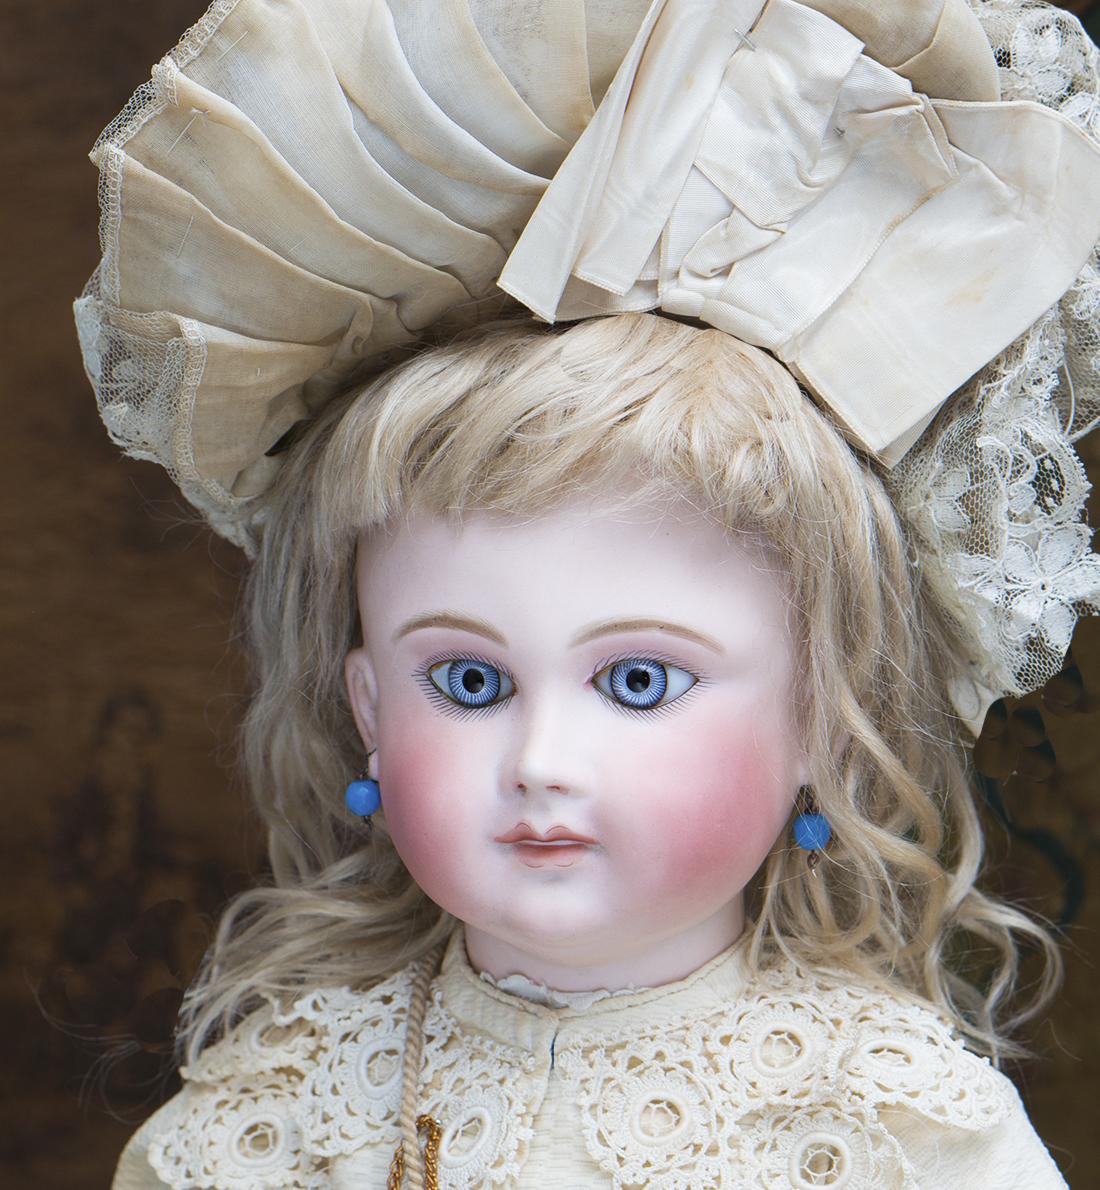 Schmitt doll